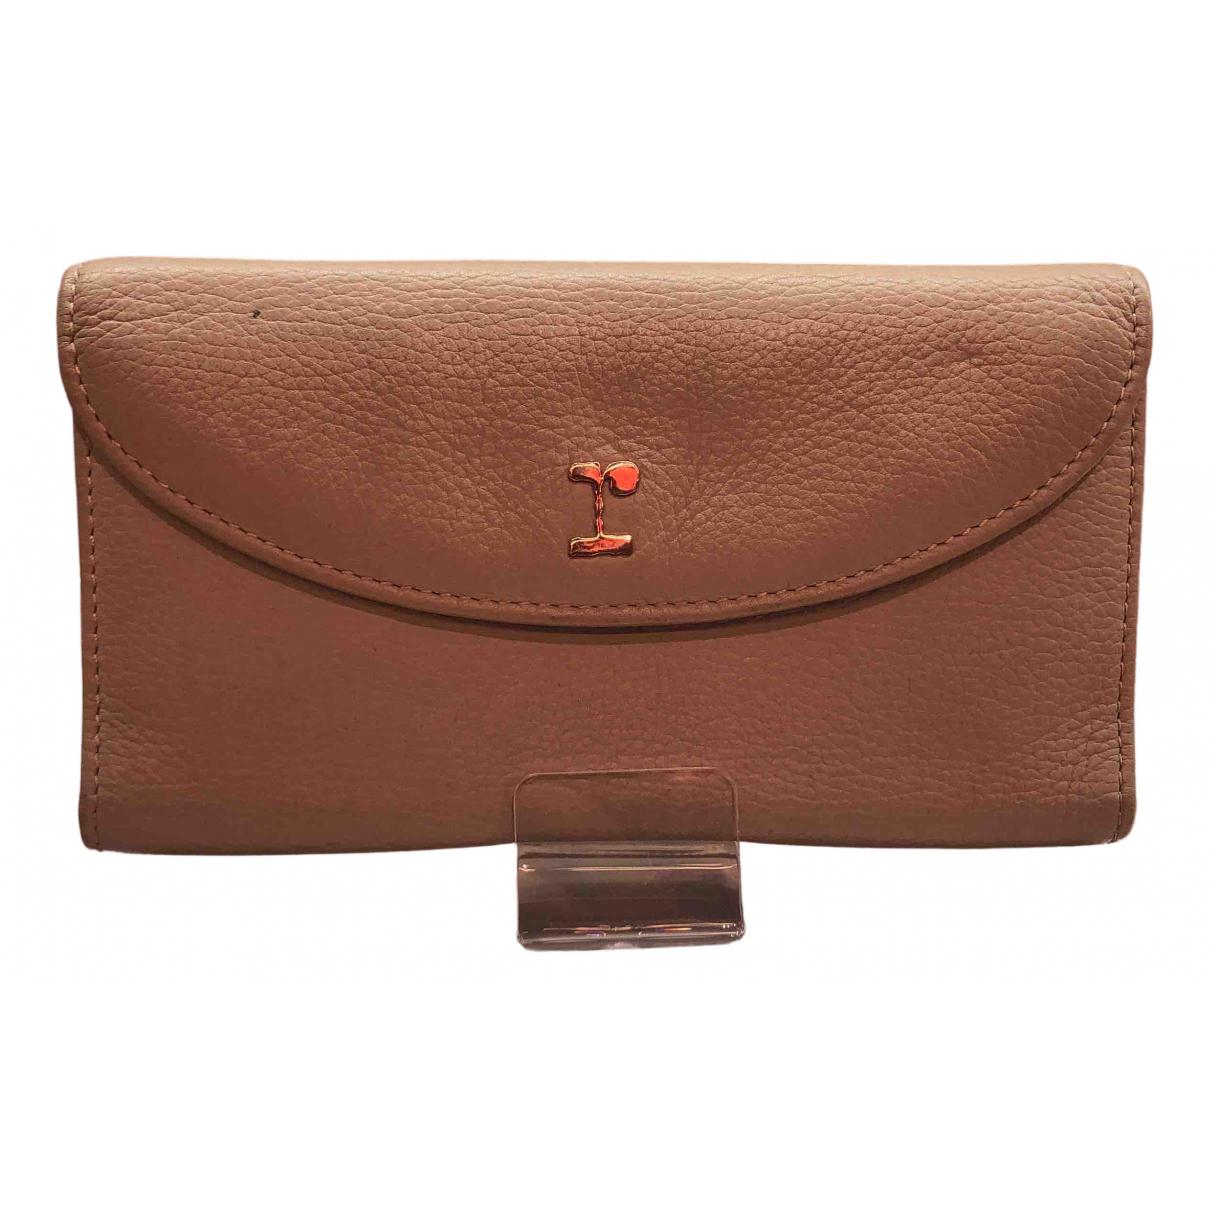 Repetto - Portefeuille   pour femme en cuir - beige